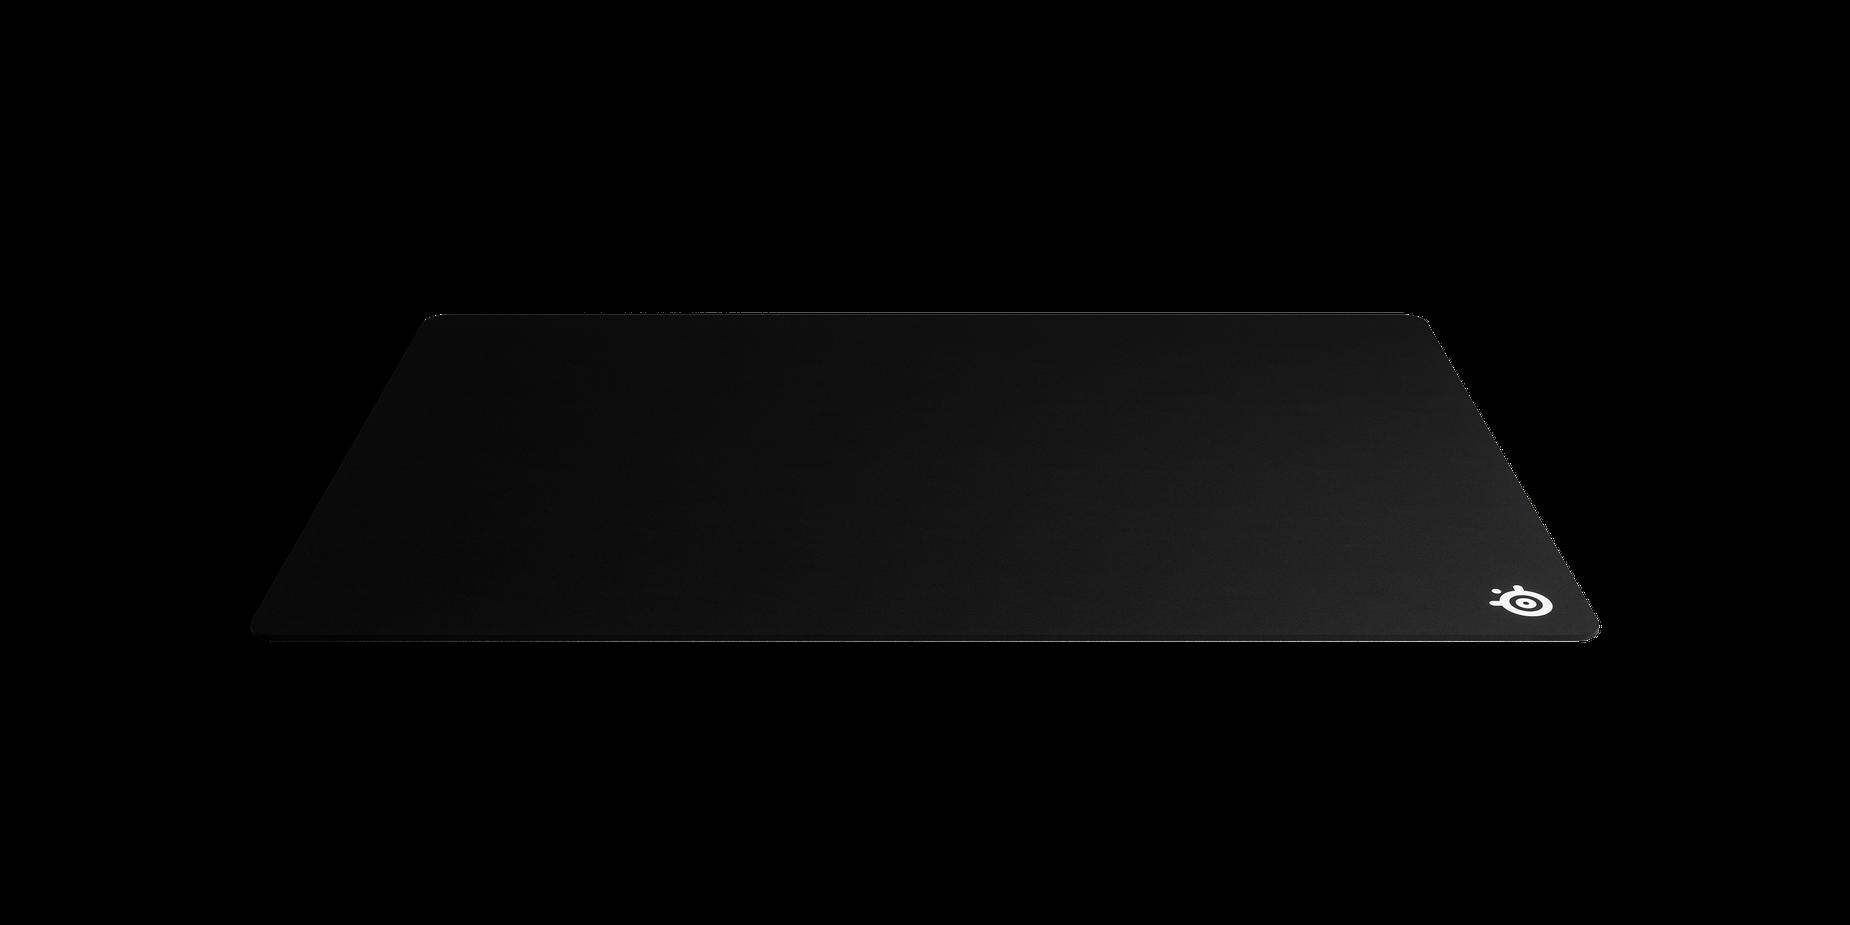 奥行を見せるために正面のアングルから写したマウスパッドの画像